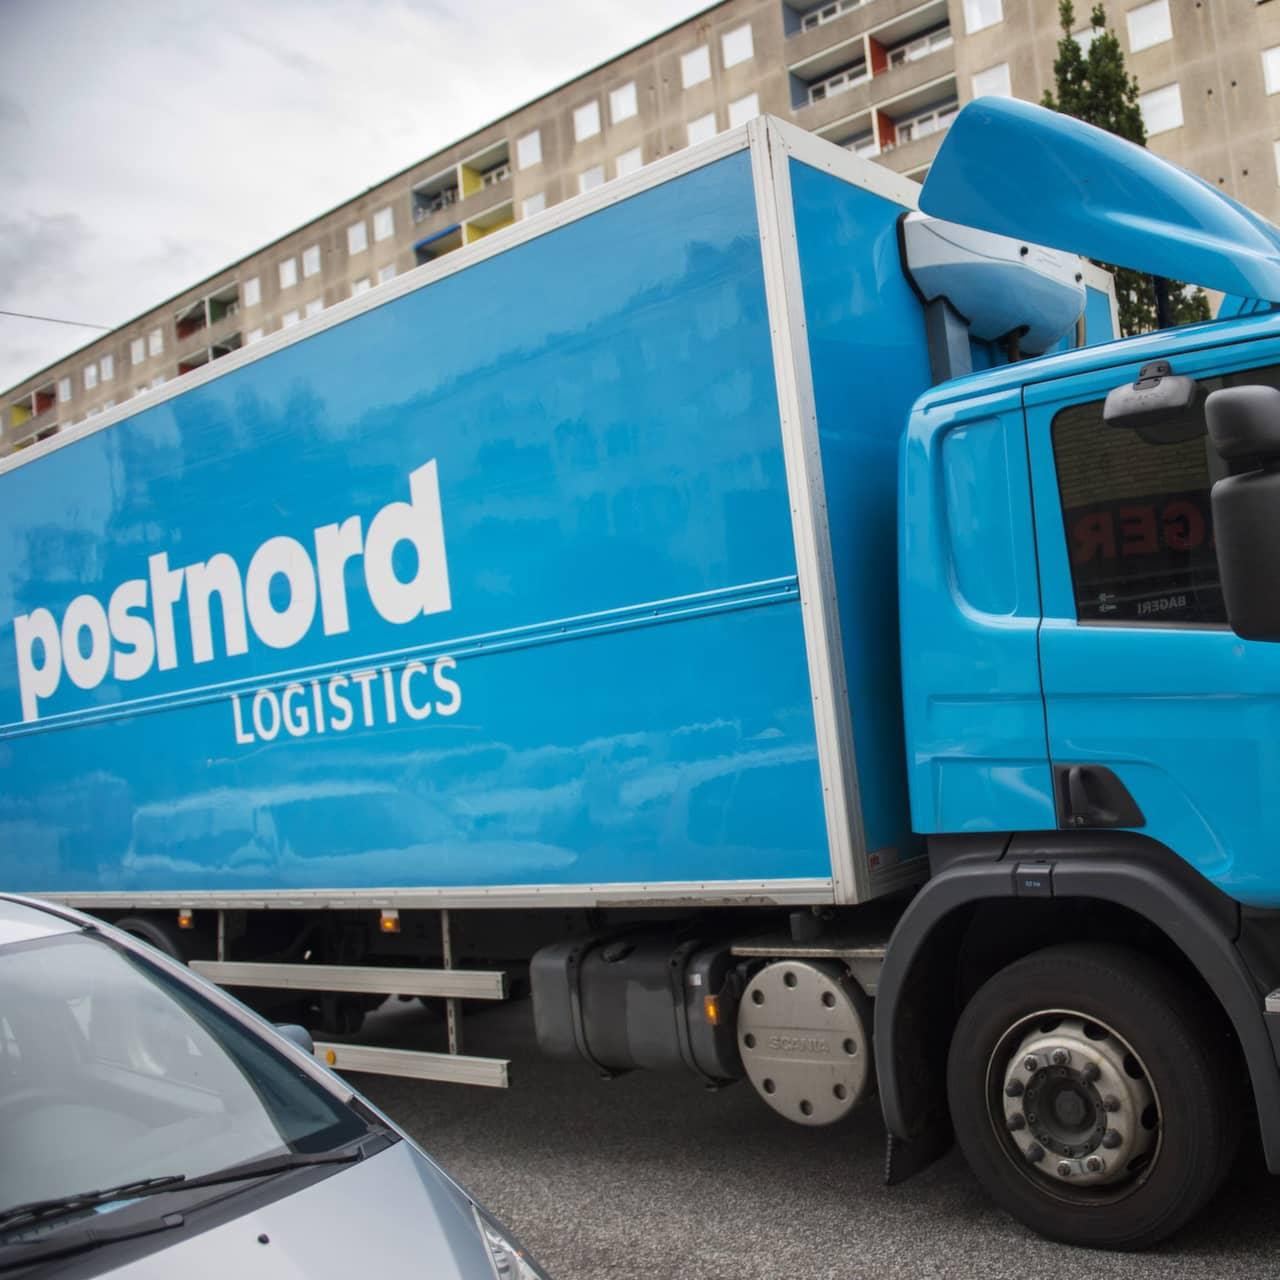 postnord porto